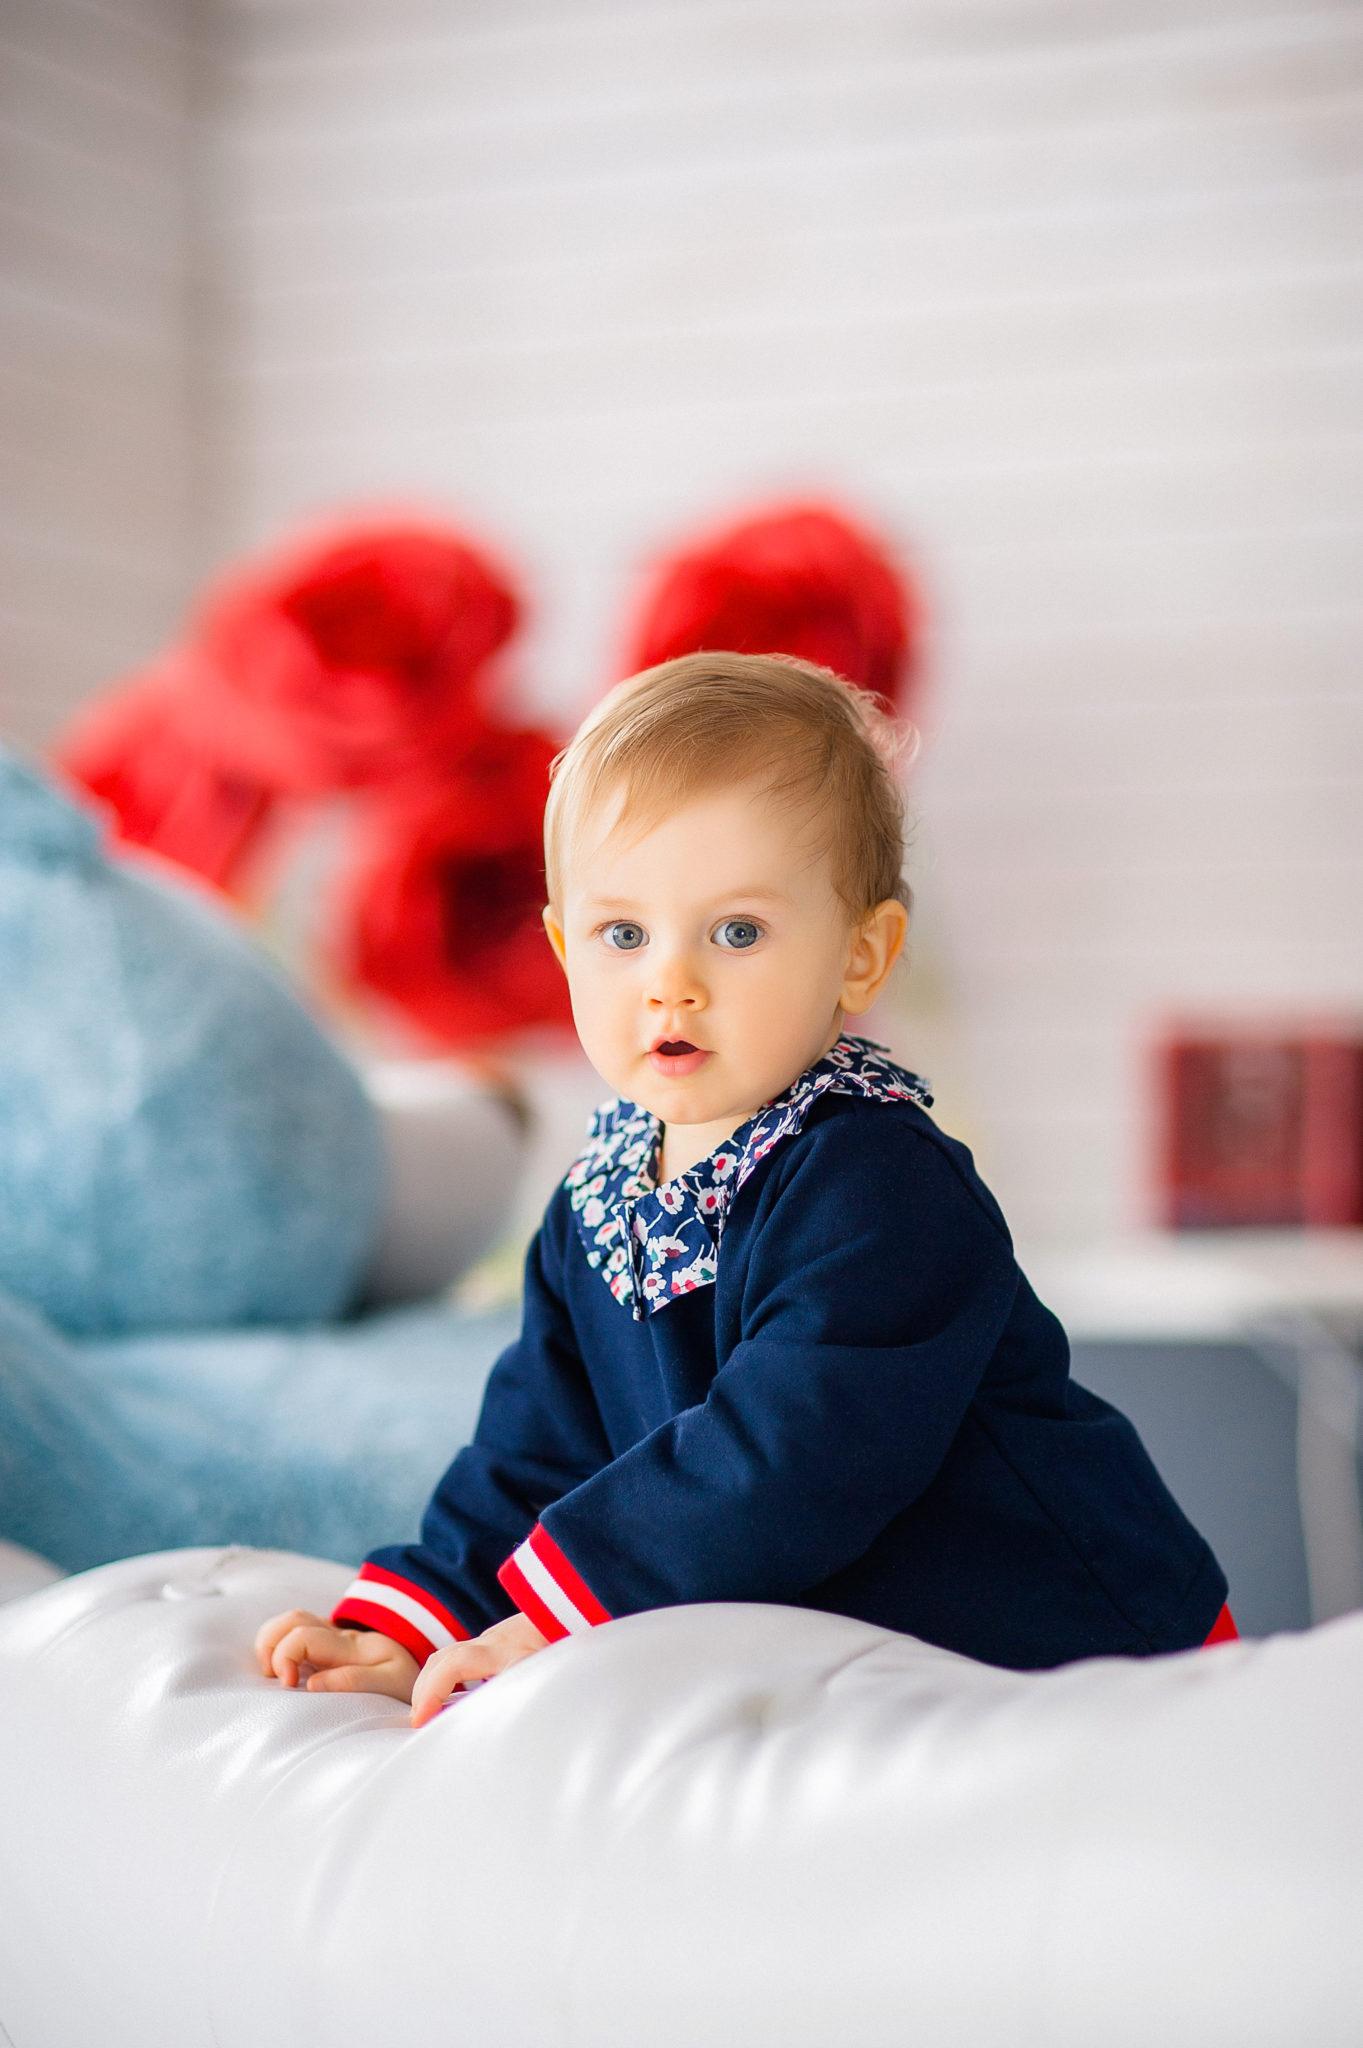 Детская фотосессия, ребенок стоит на белом диване на фоне красных цветов